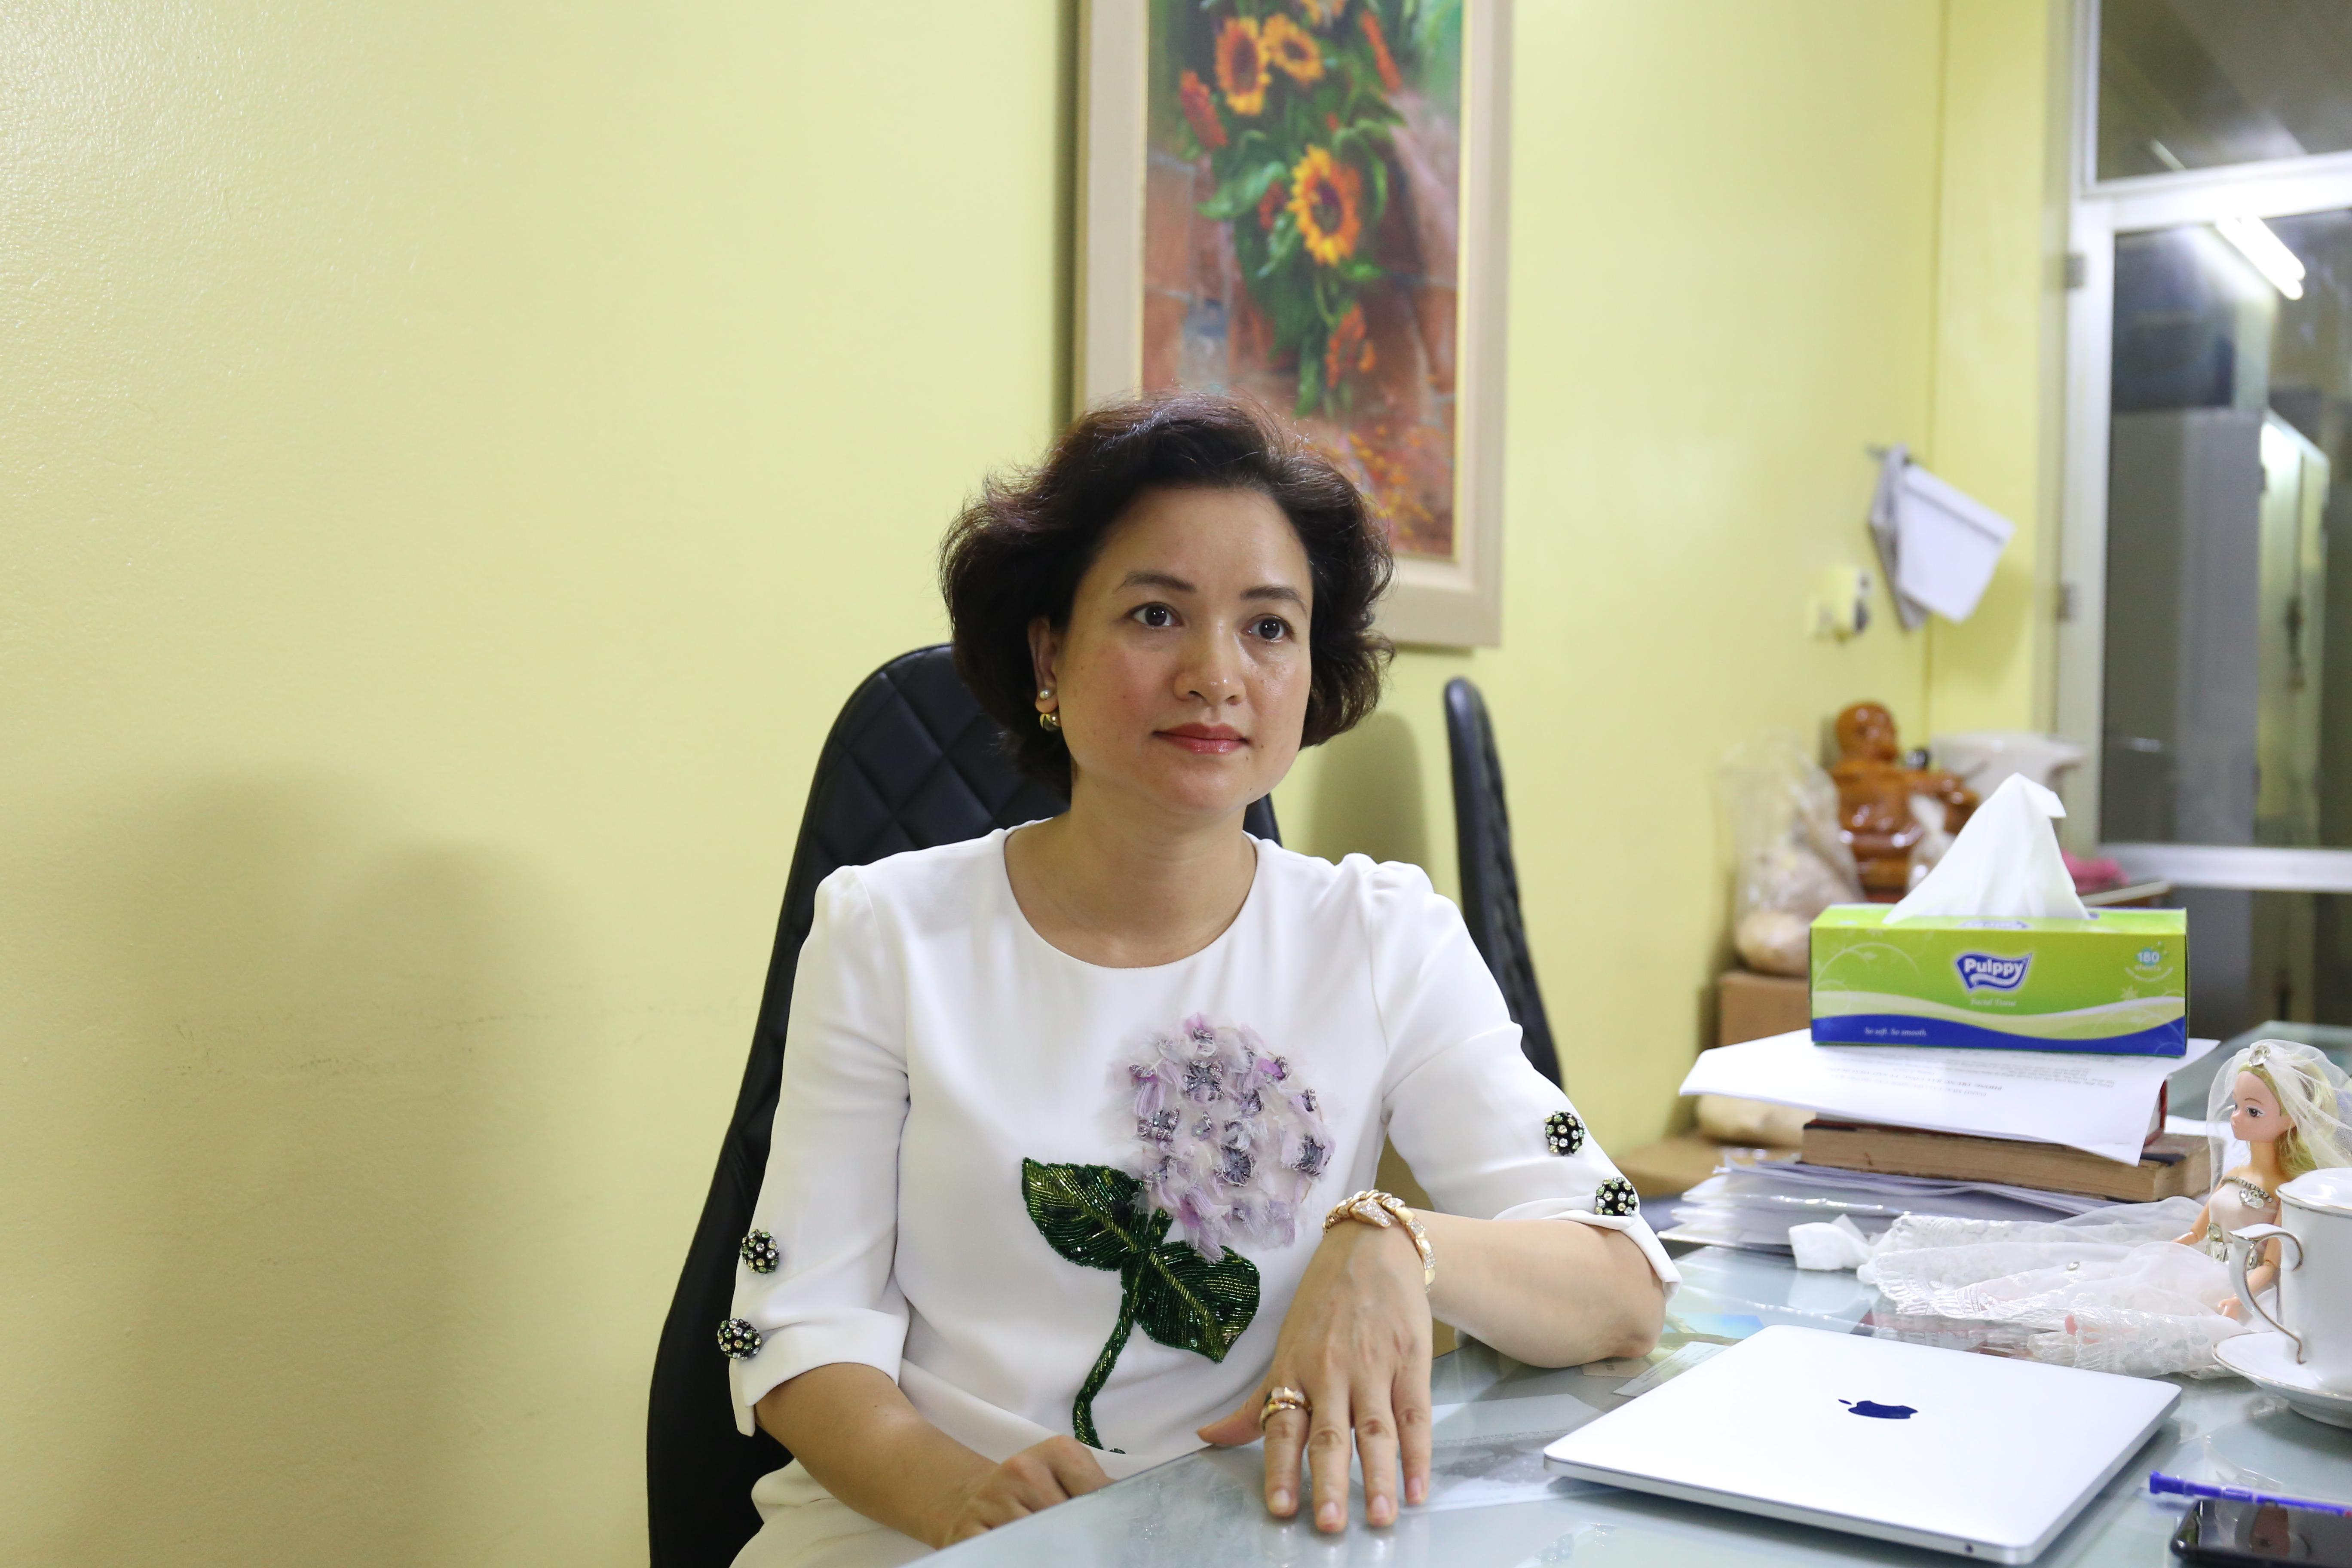 Chị Nguyễn Thị Hương Liên, Phó tổng giám đốc, đồng sáng lập công ty Sao Thái Dương. Ảnh: Bảo Như